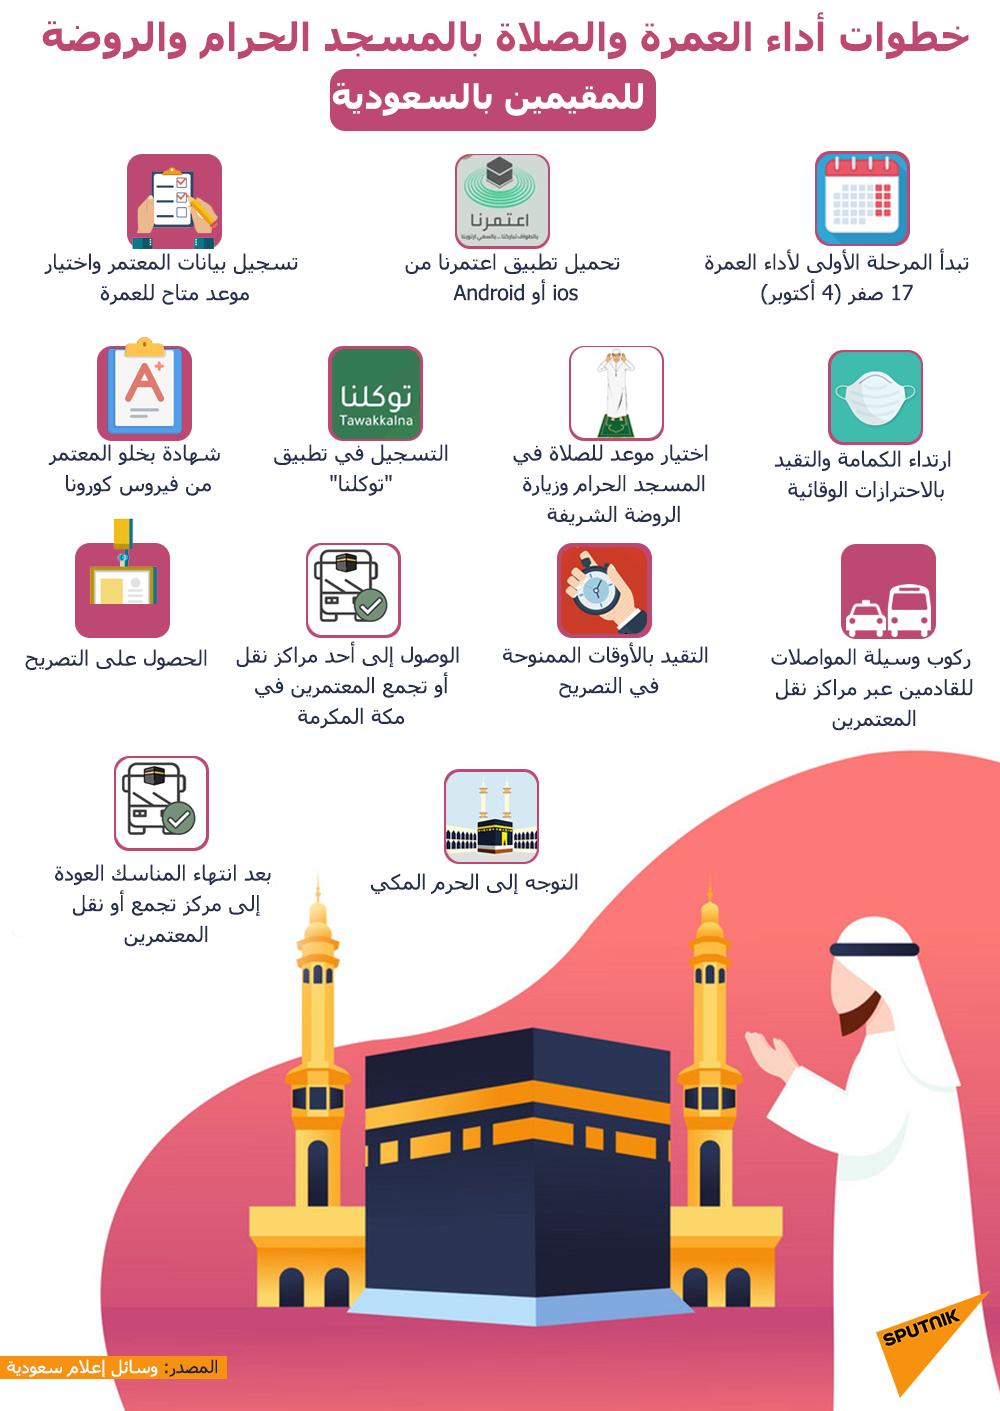 خطوات أداء العمرة والصلاة بالمسجد الحرام والروضة للمقيمين بالسعودية